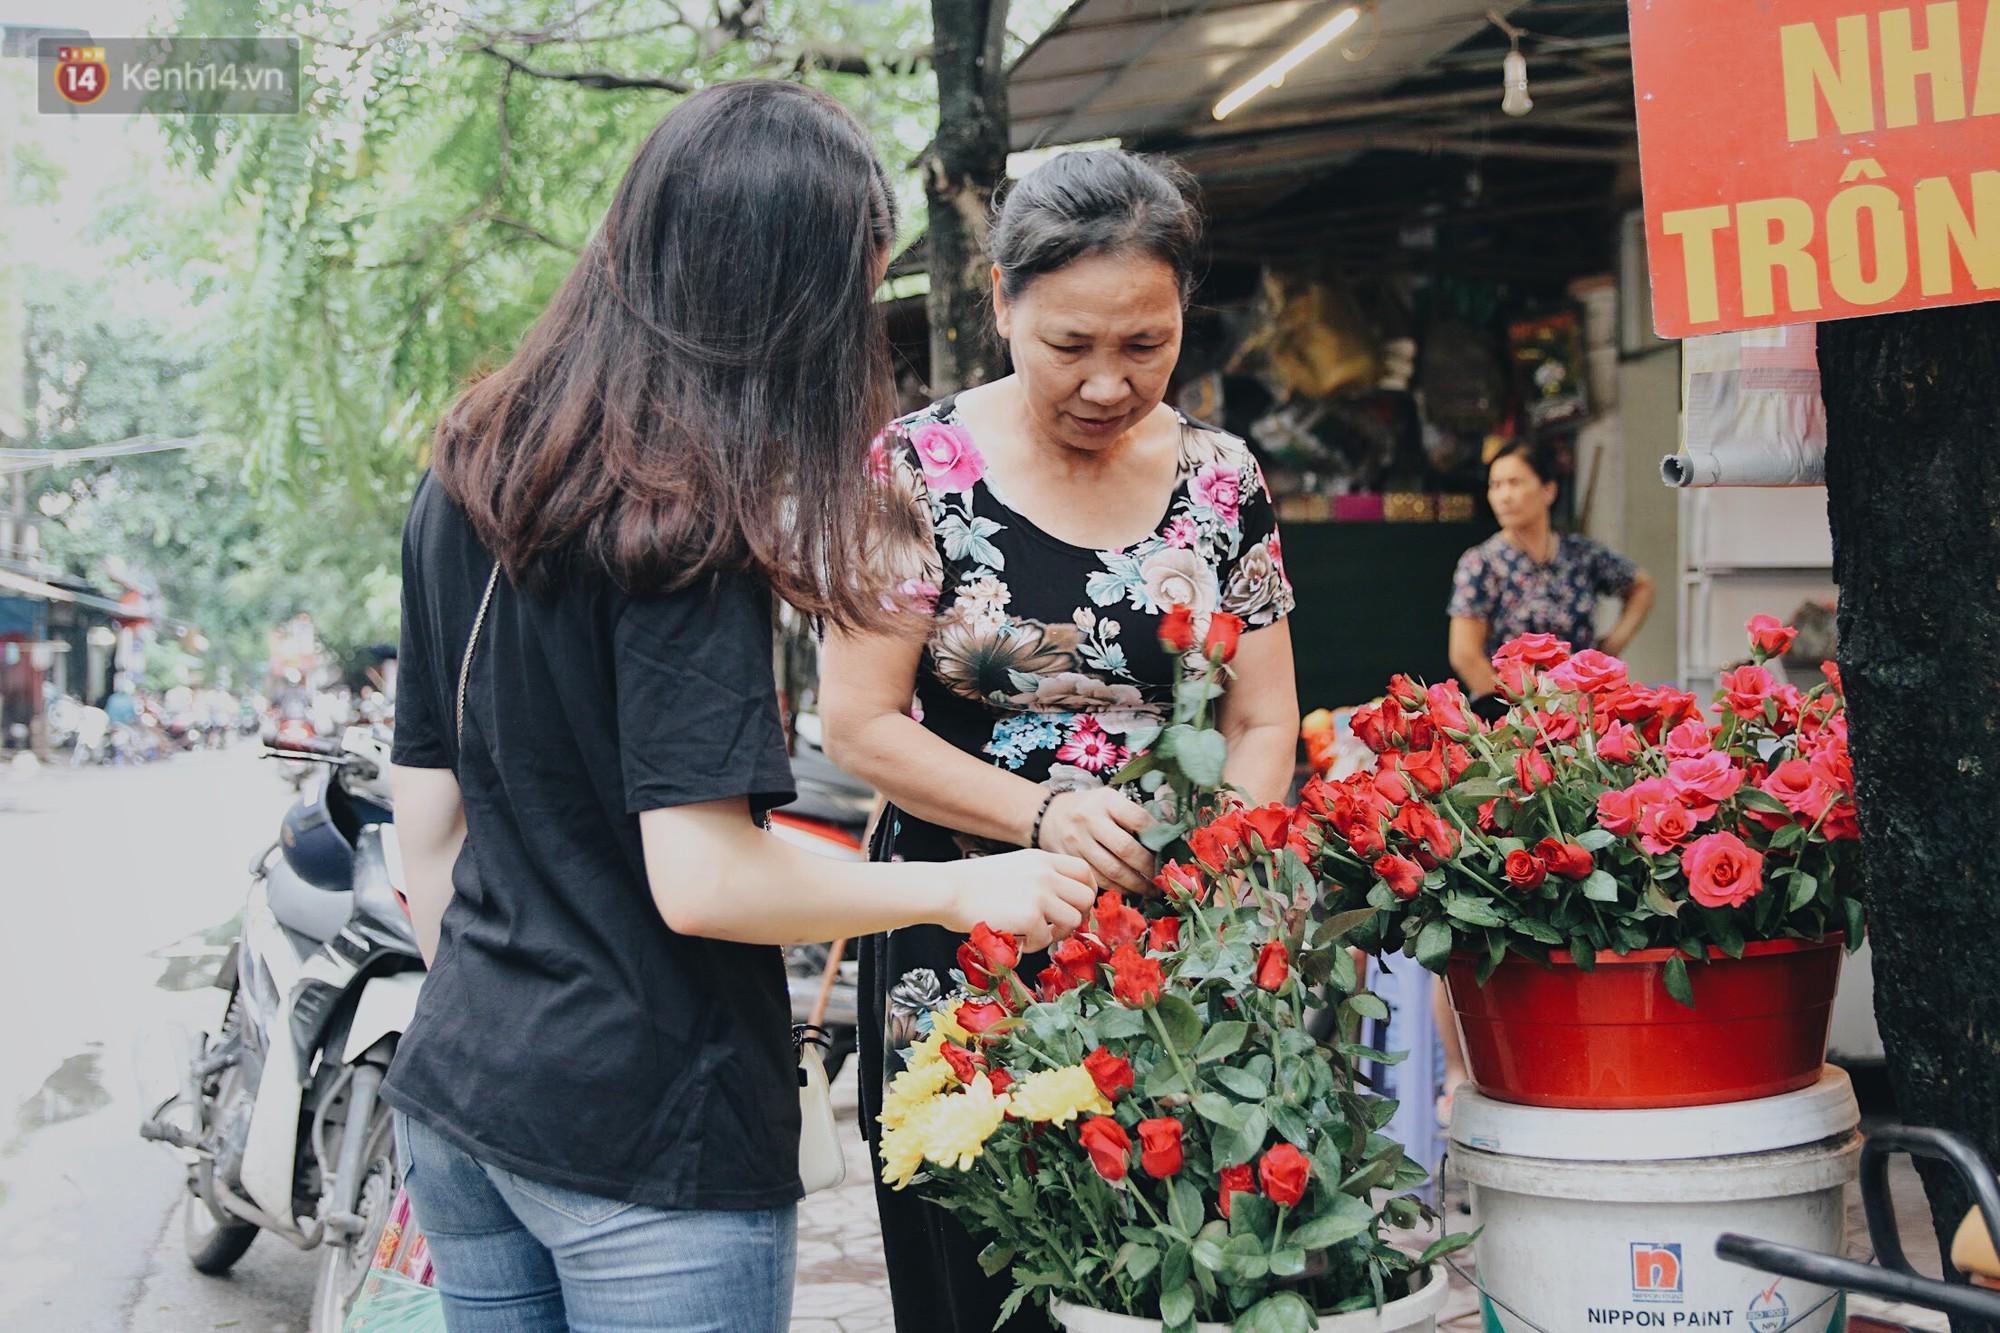 Đến chùa Hà dịp lễ Thất Tịch nghe chuyện cô gái 'cứ viết sớ, sau một tháng có người yêu!' khiến ai cũng ghen tỵ 13